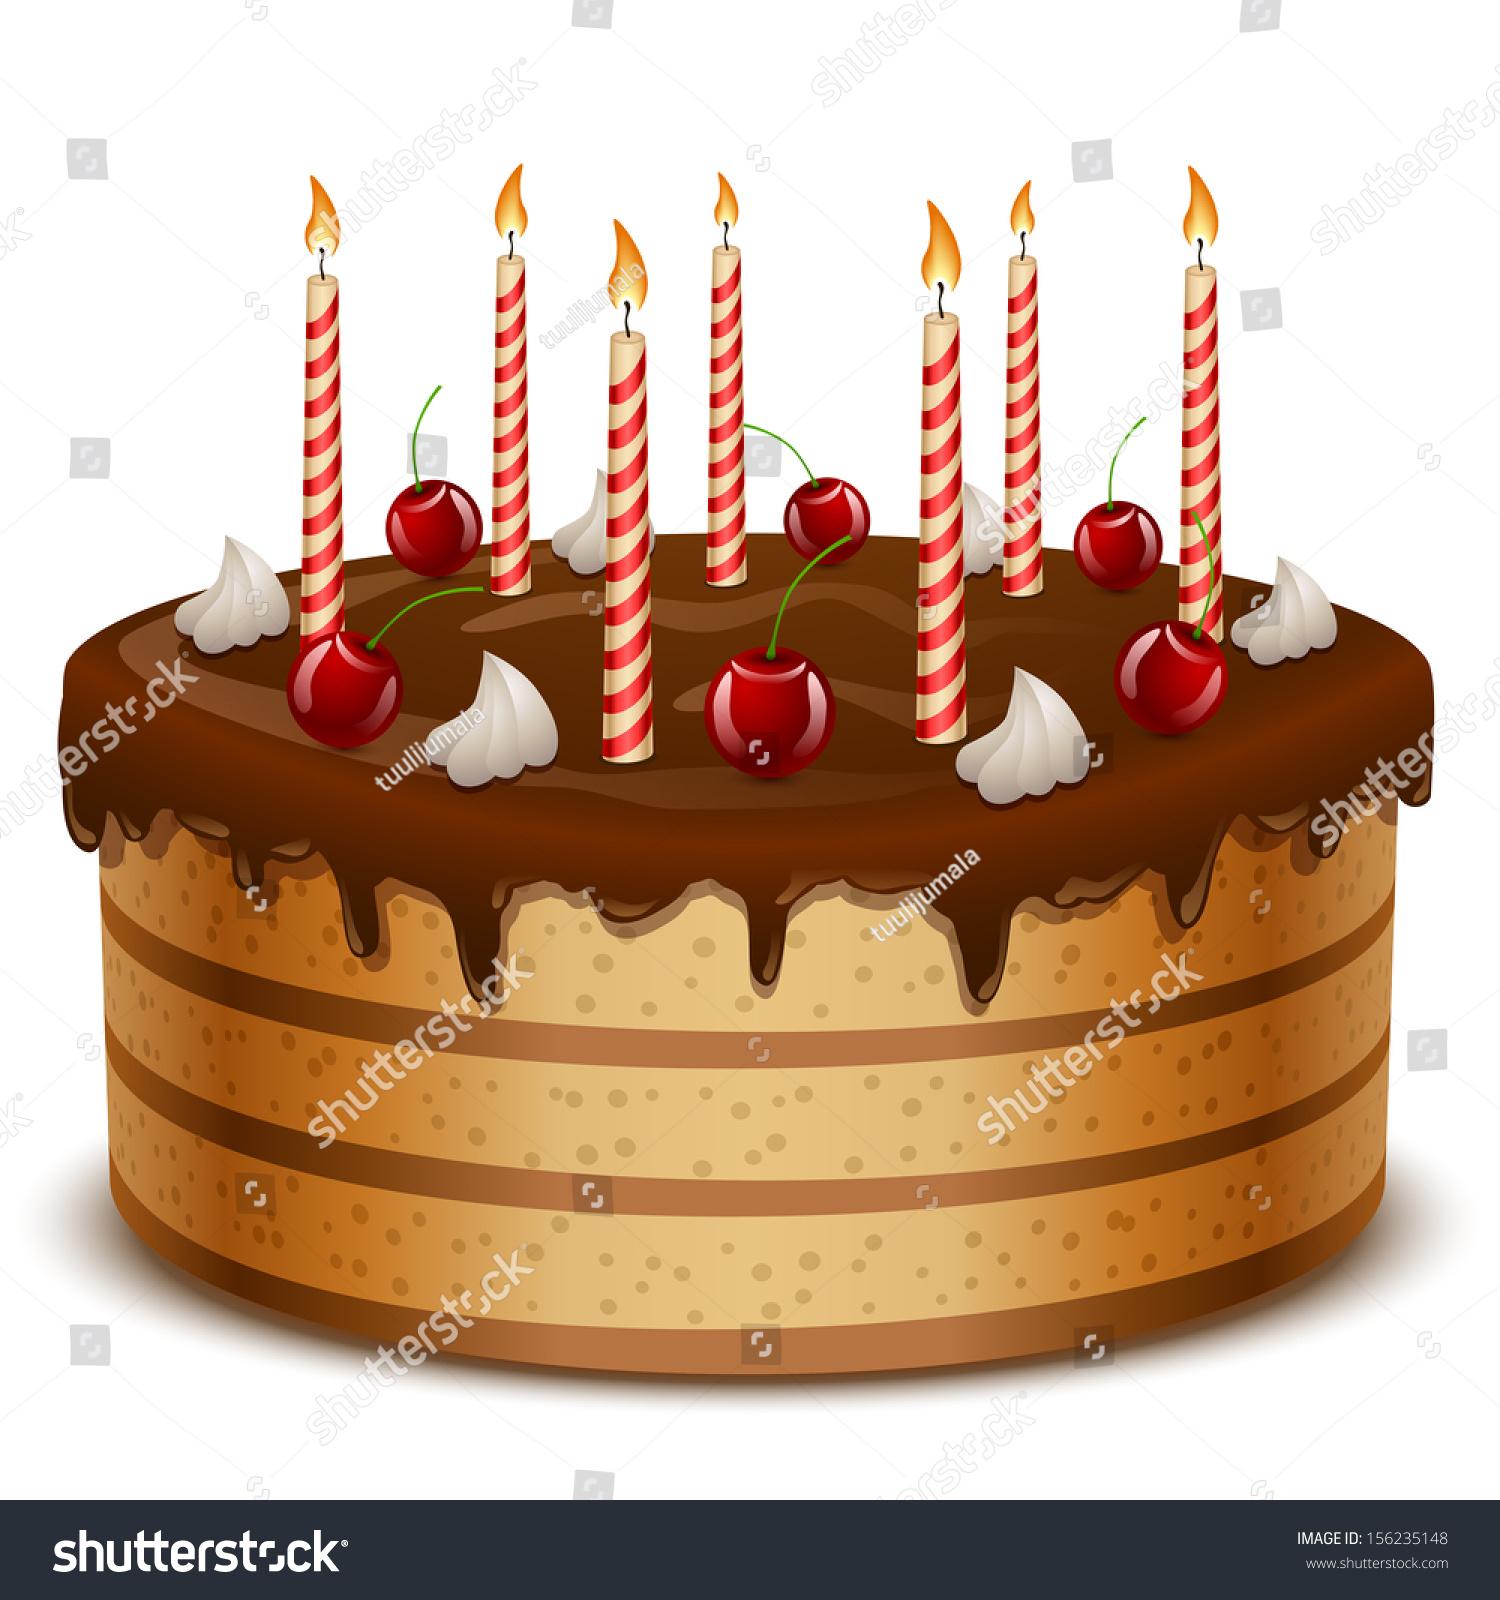 Birthday Cake Background Images